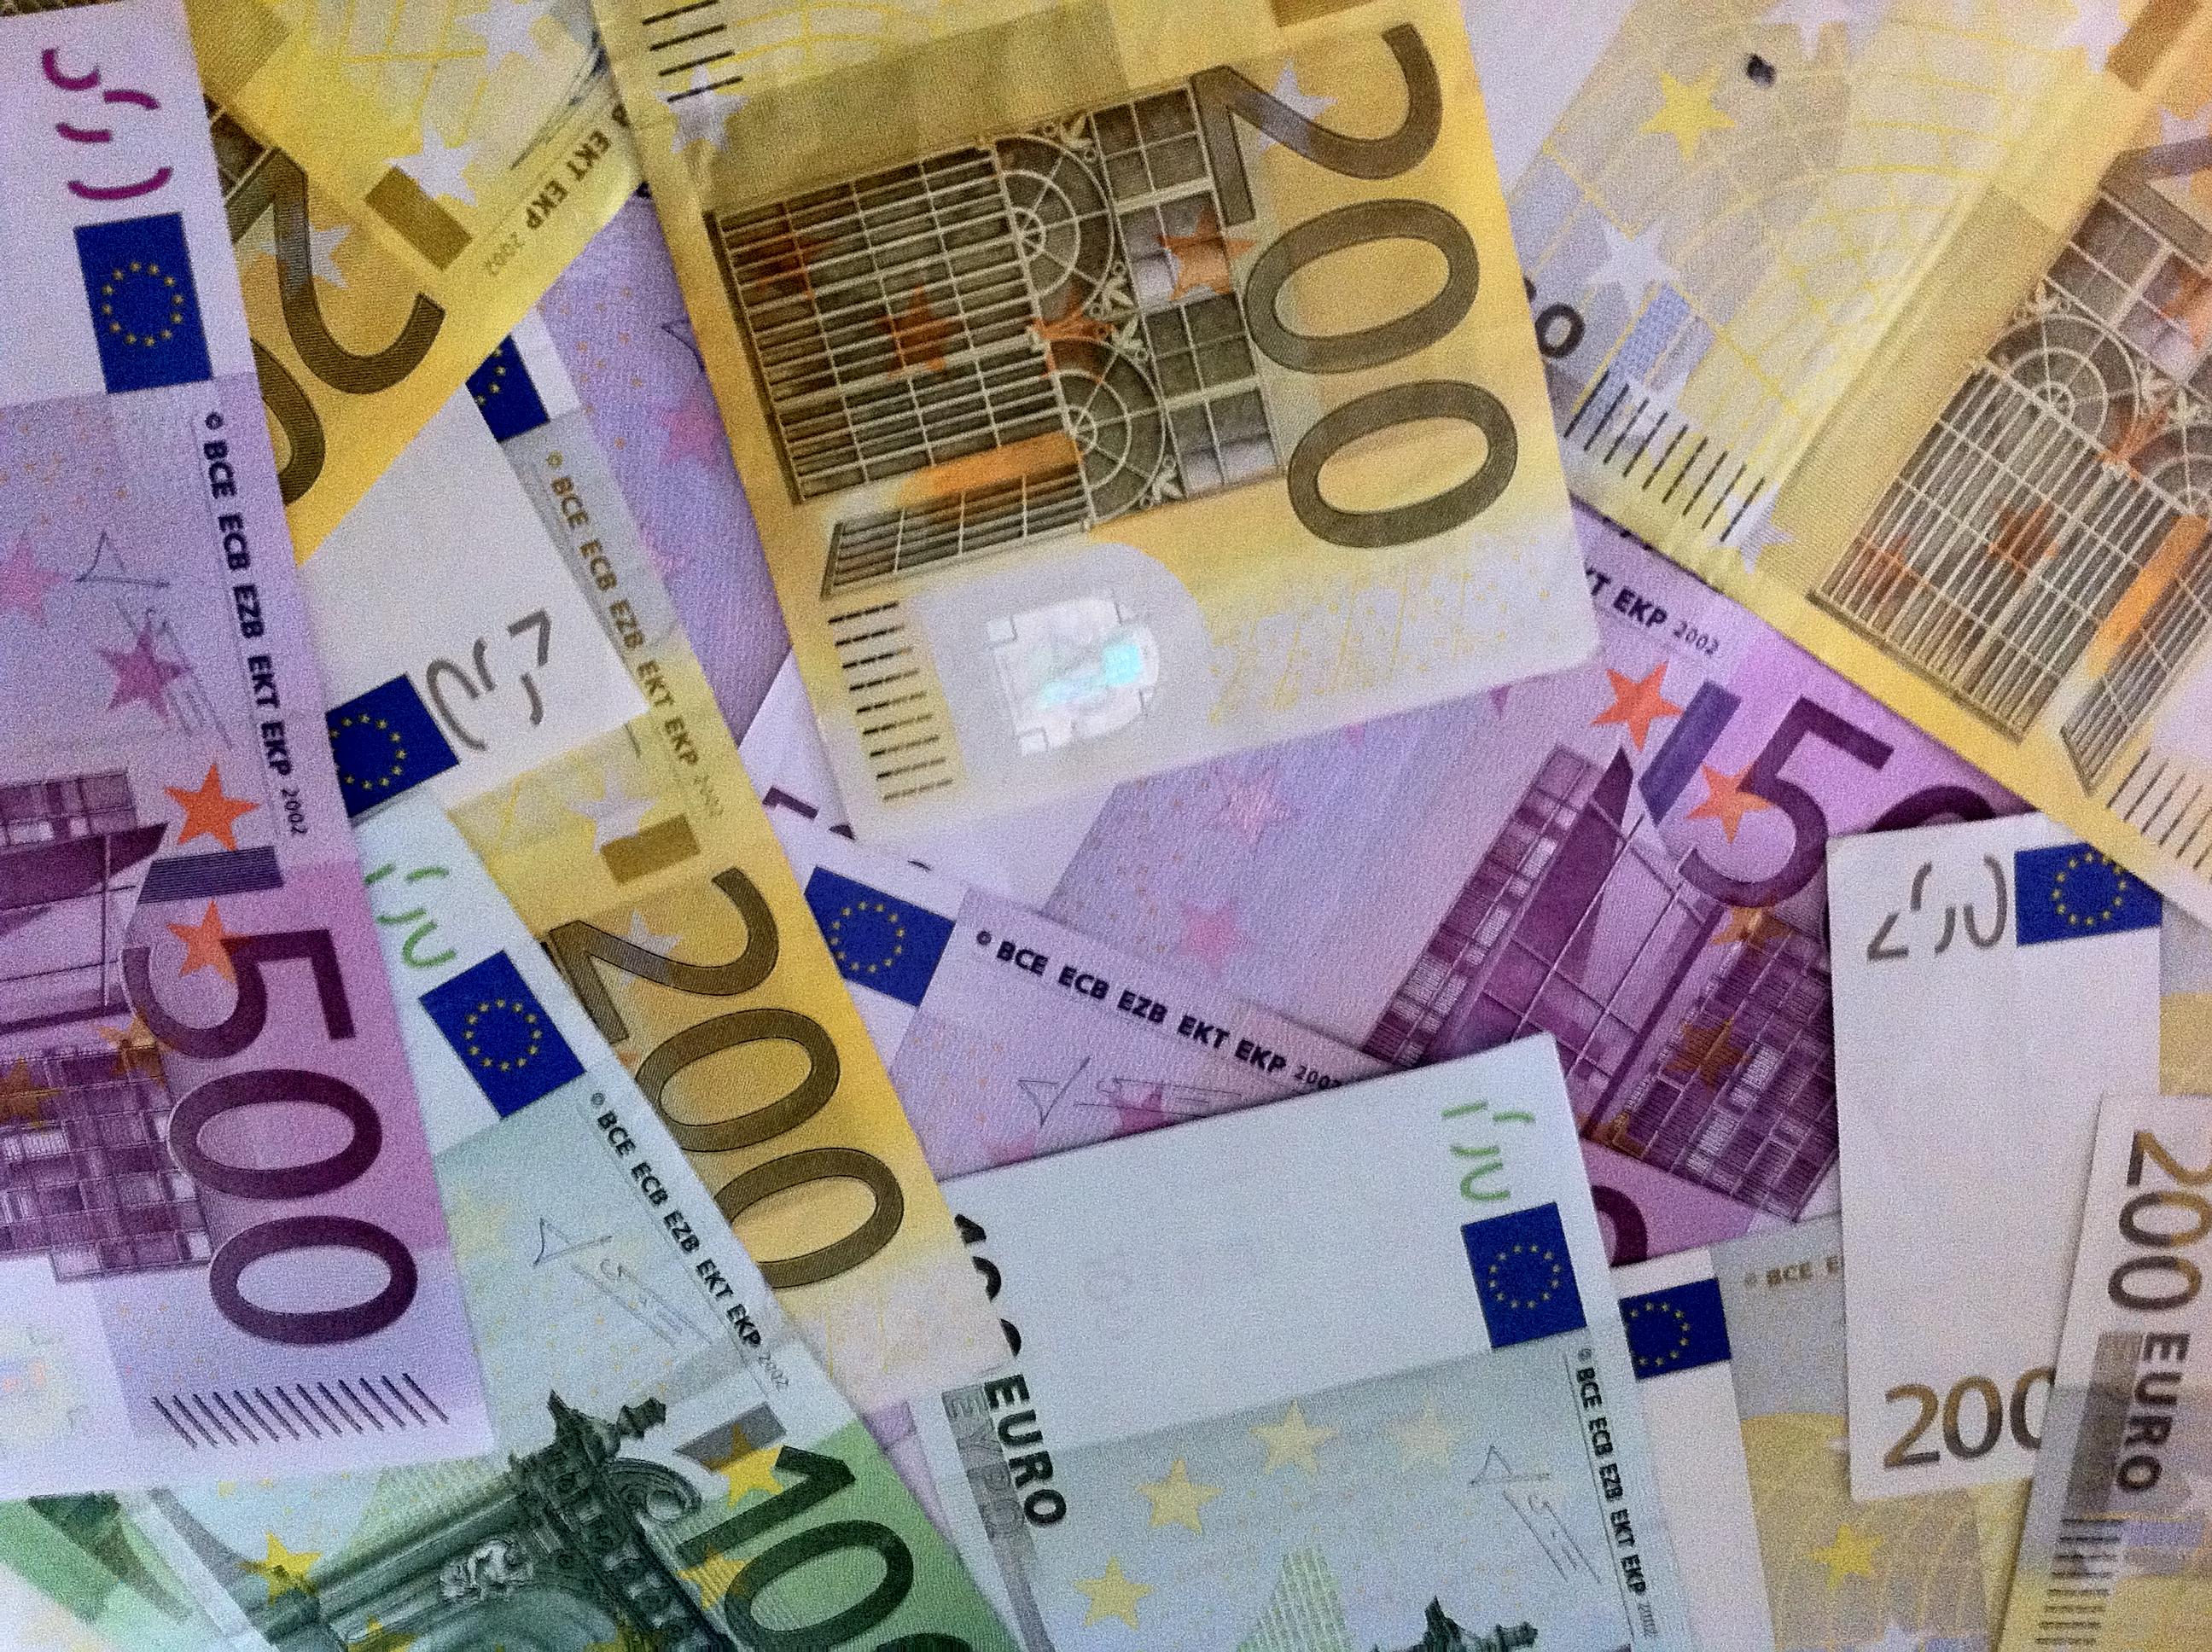 Ancora su tassi usurai, anatocismo e piano d'ammortamento alla francese